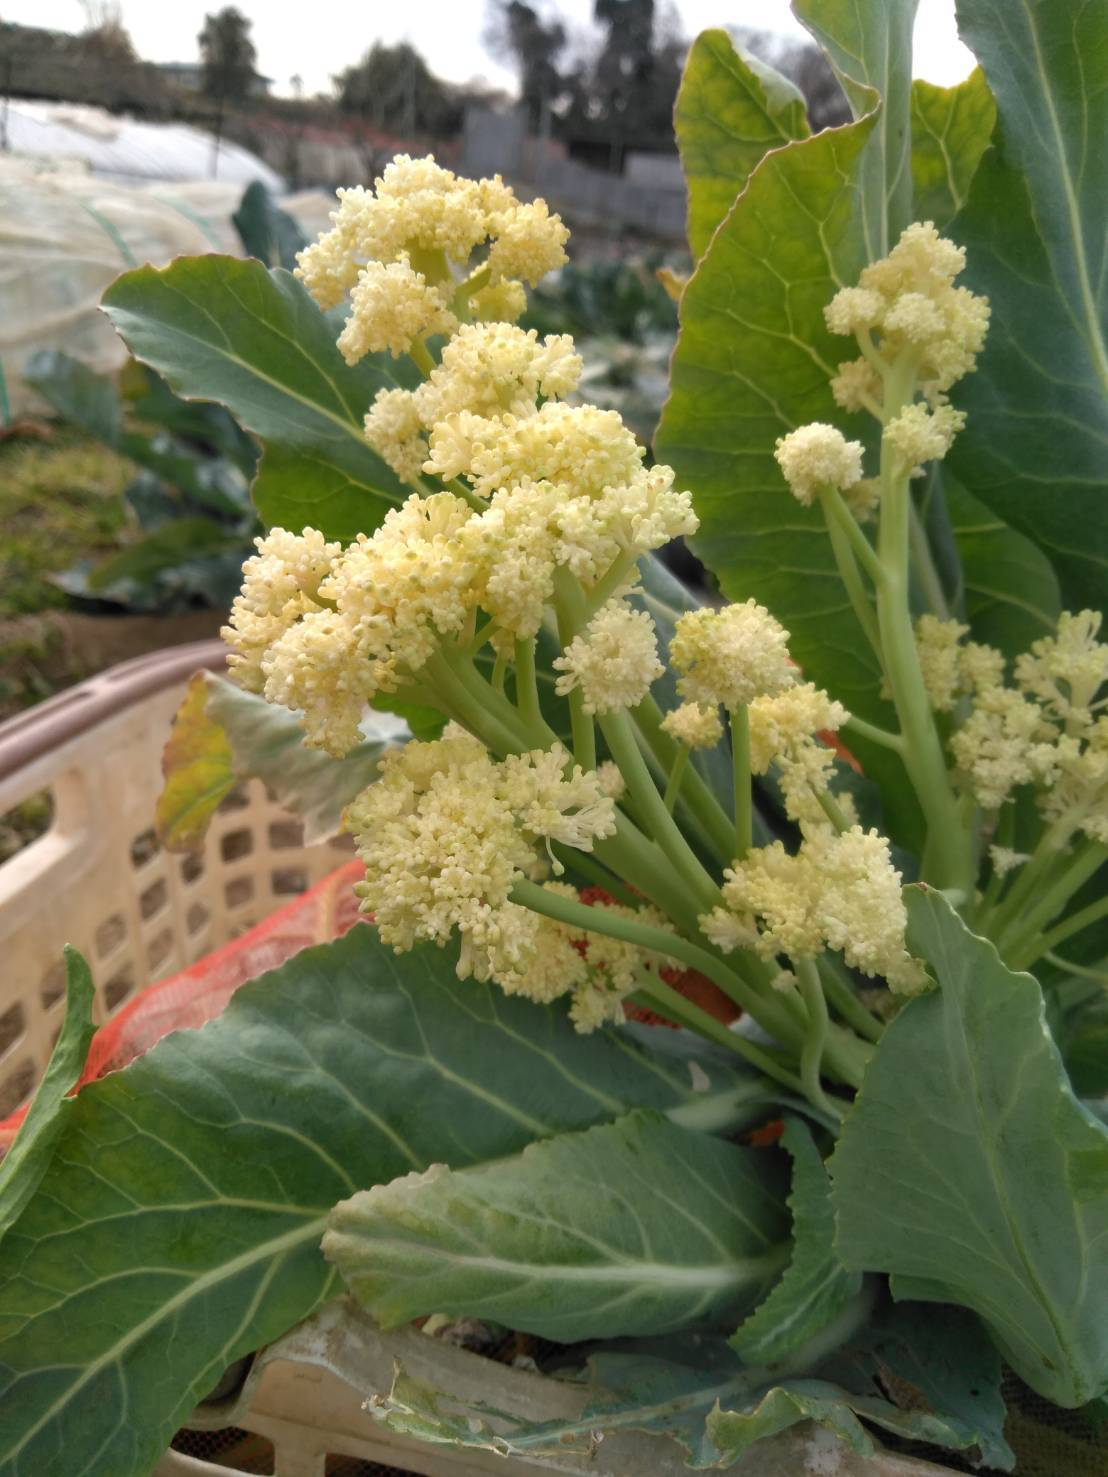 少し気温上がりました ほっとしています蚕豆の花咲いてきました_c0222448_18172633.jpg